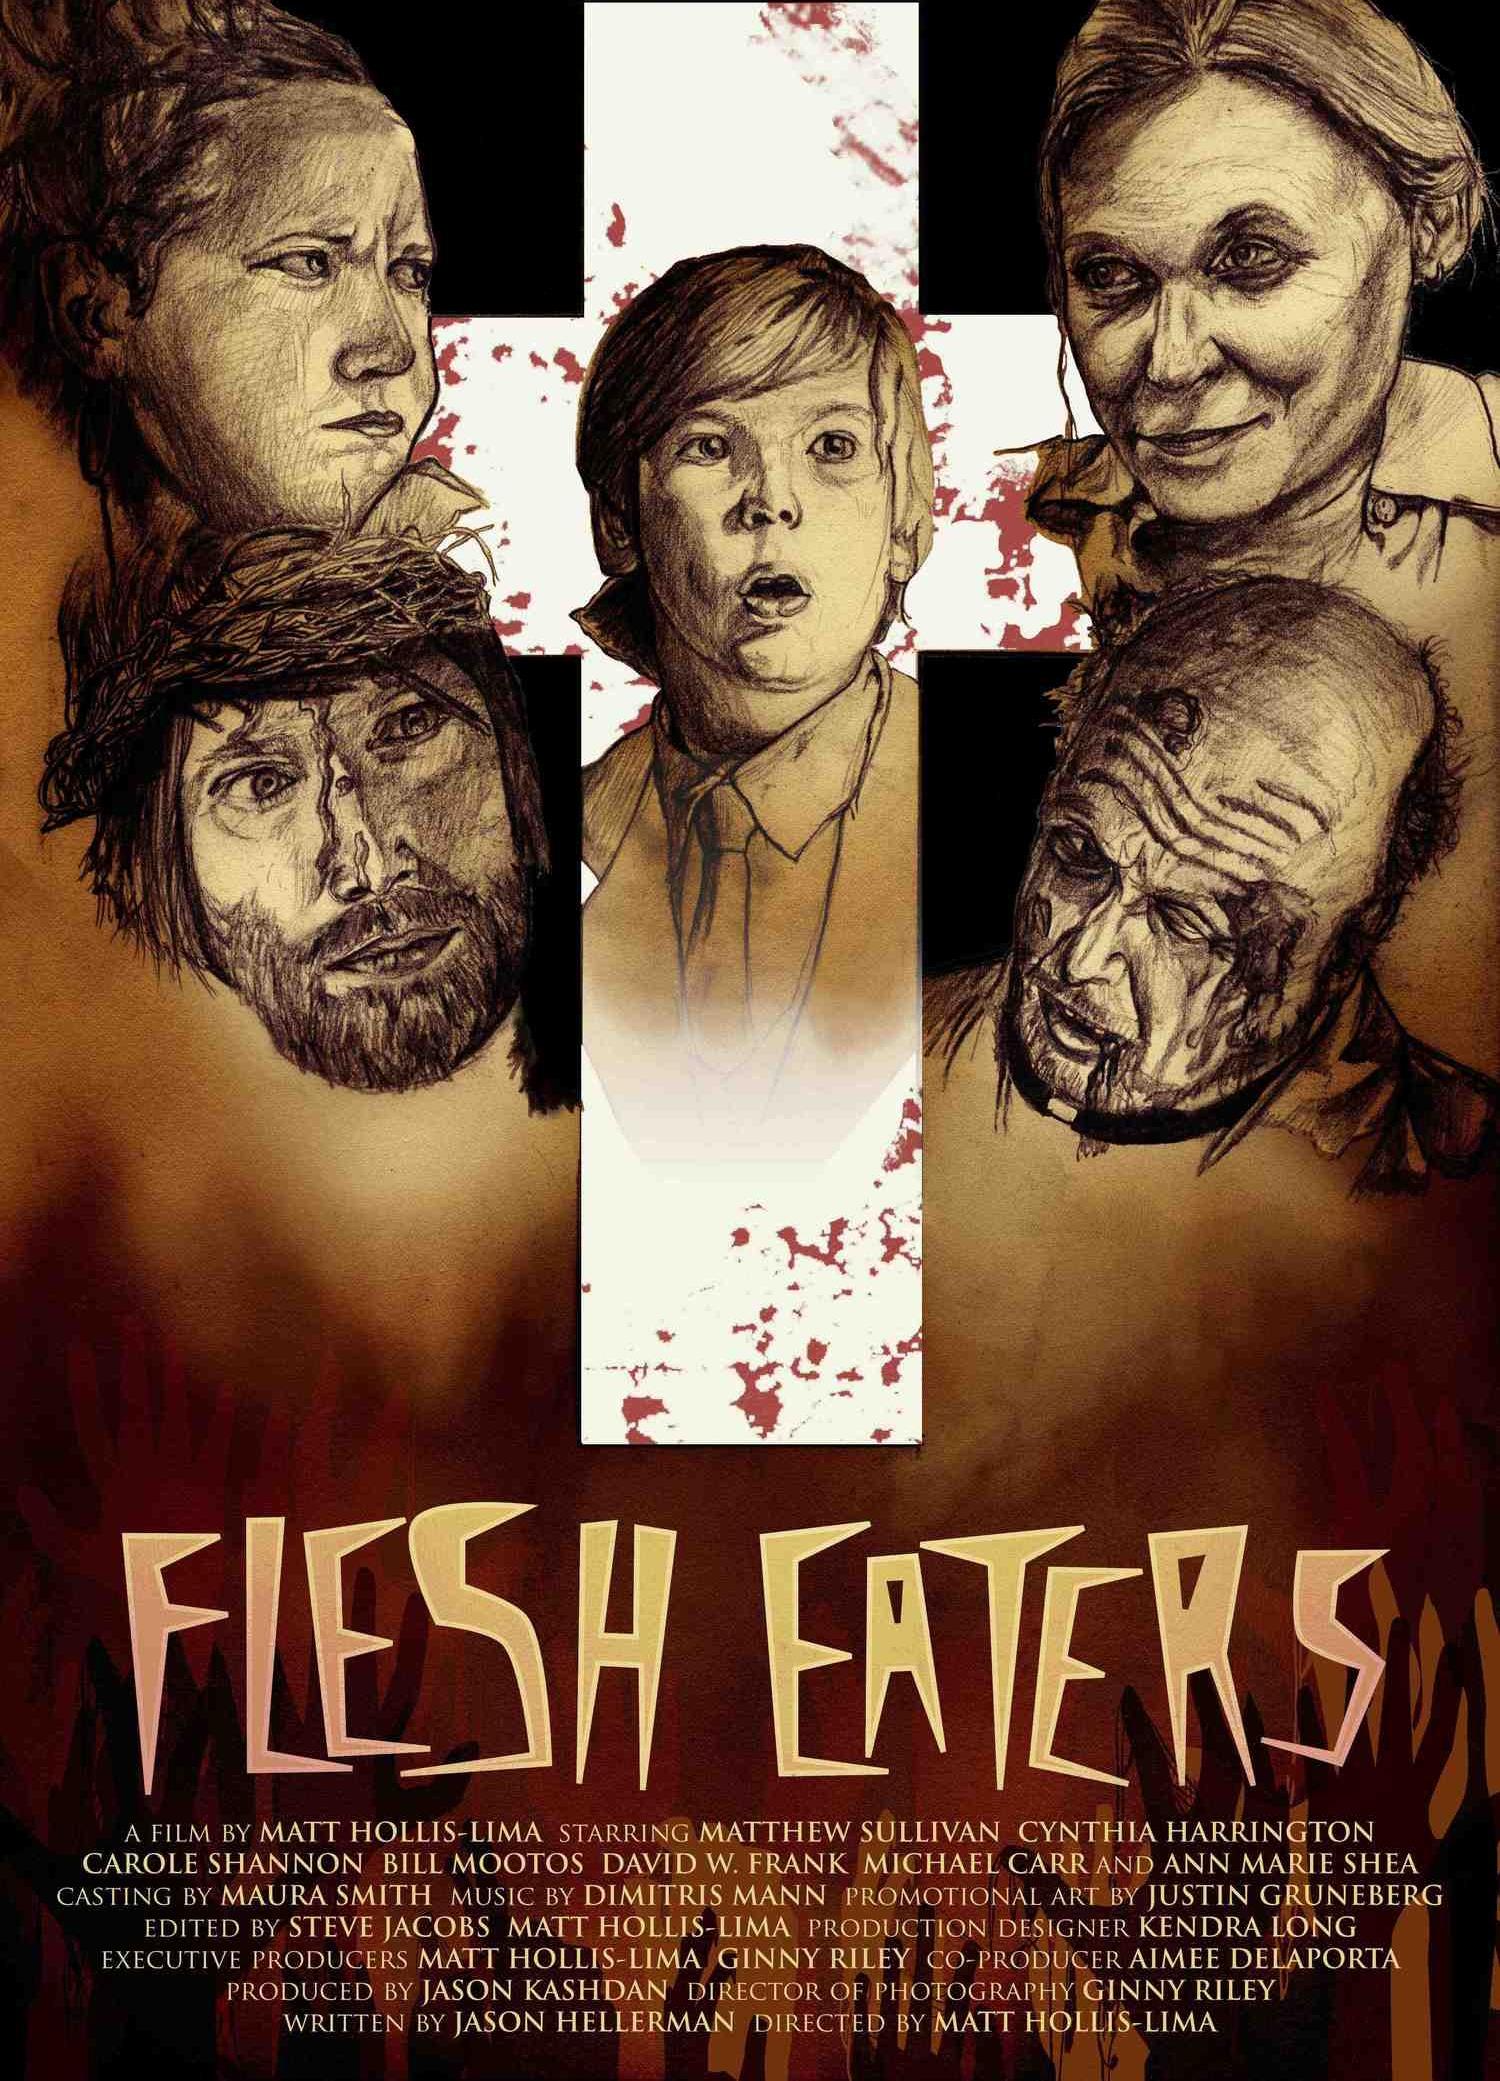 Flesh Eaters Poster_web.jpg